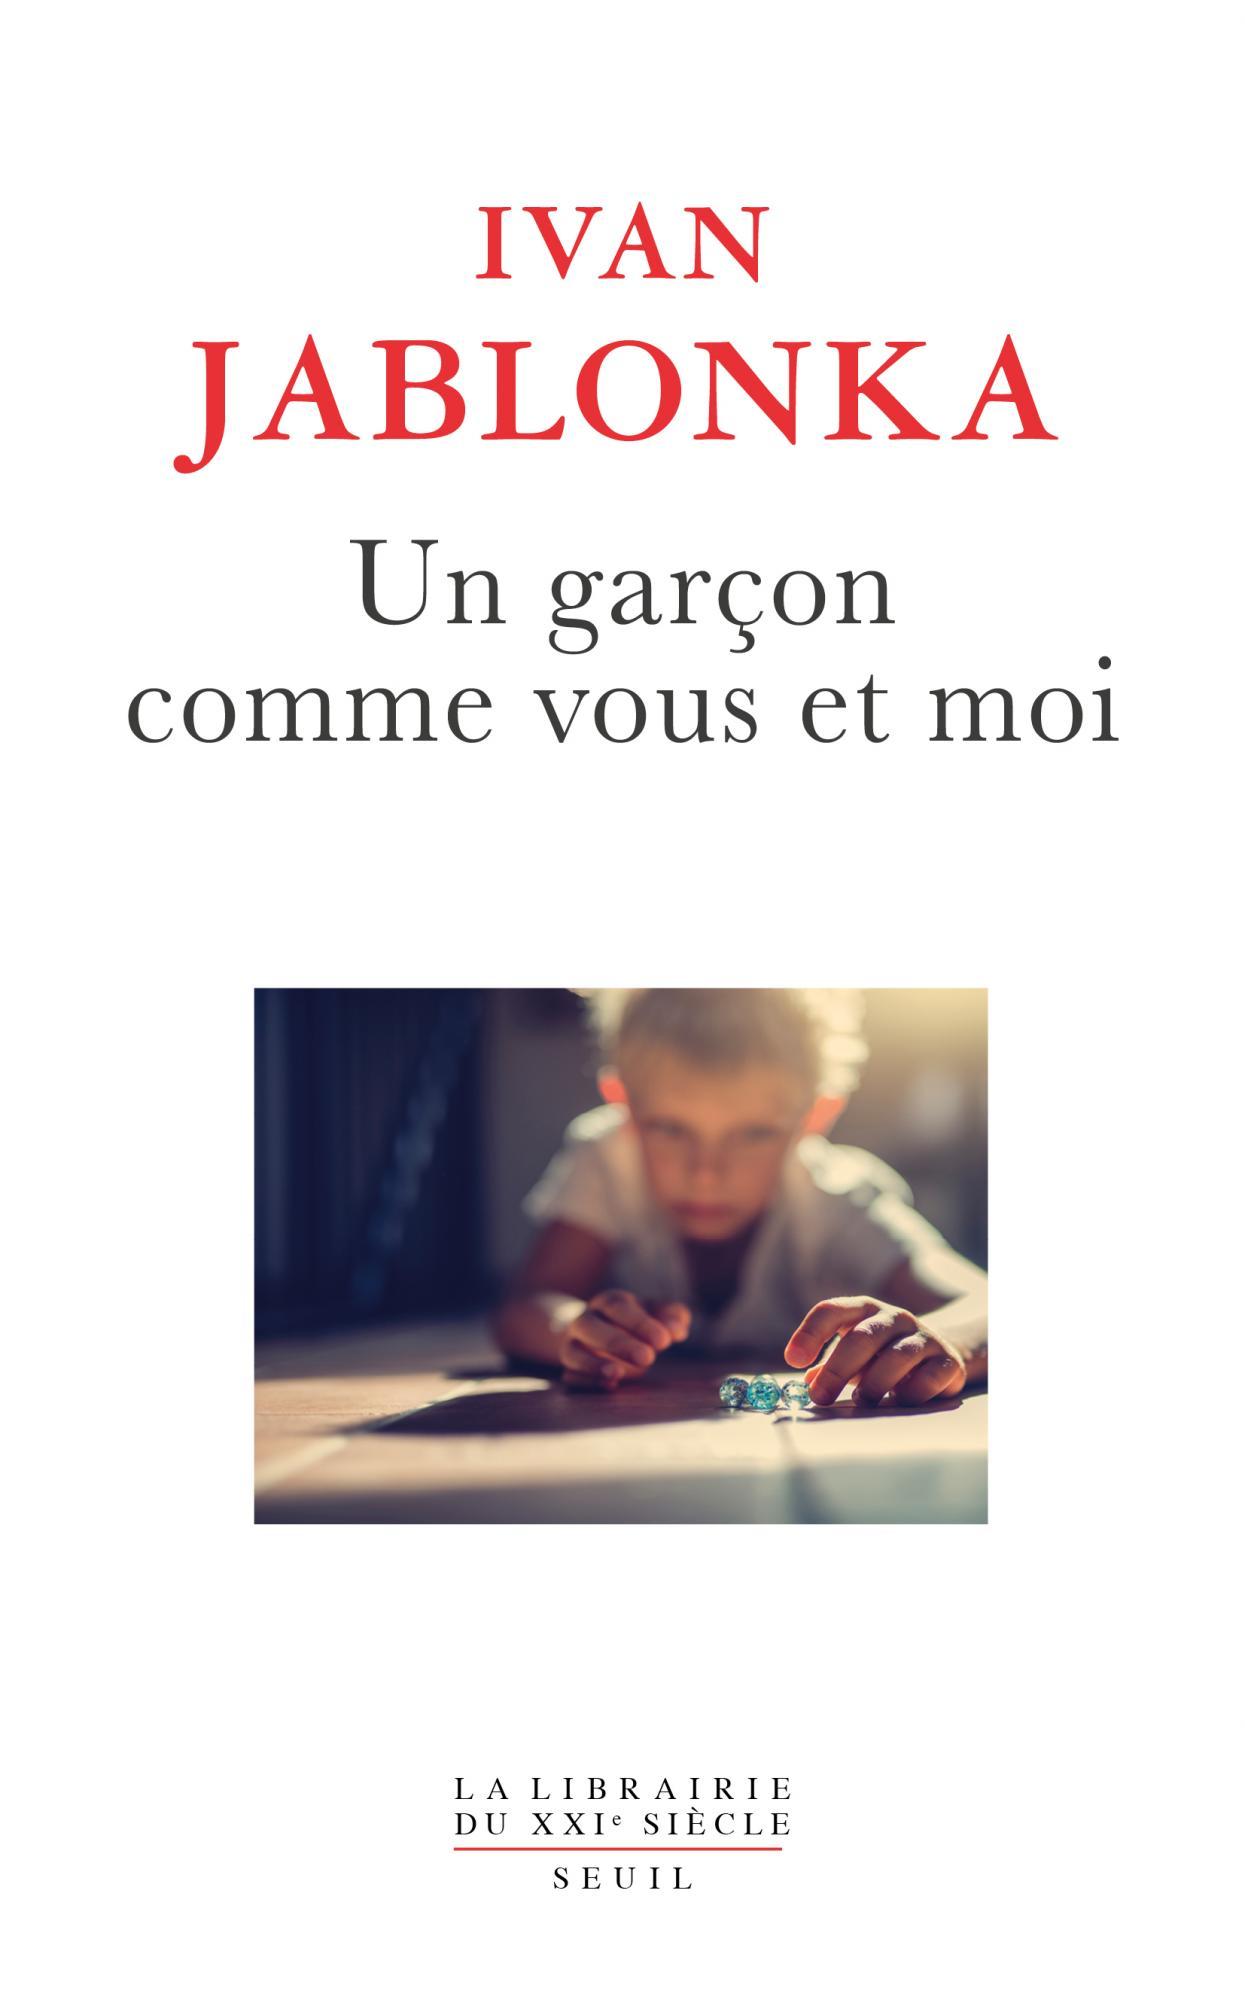 I. Jablonka, Un garçon comme vous et moi